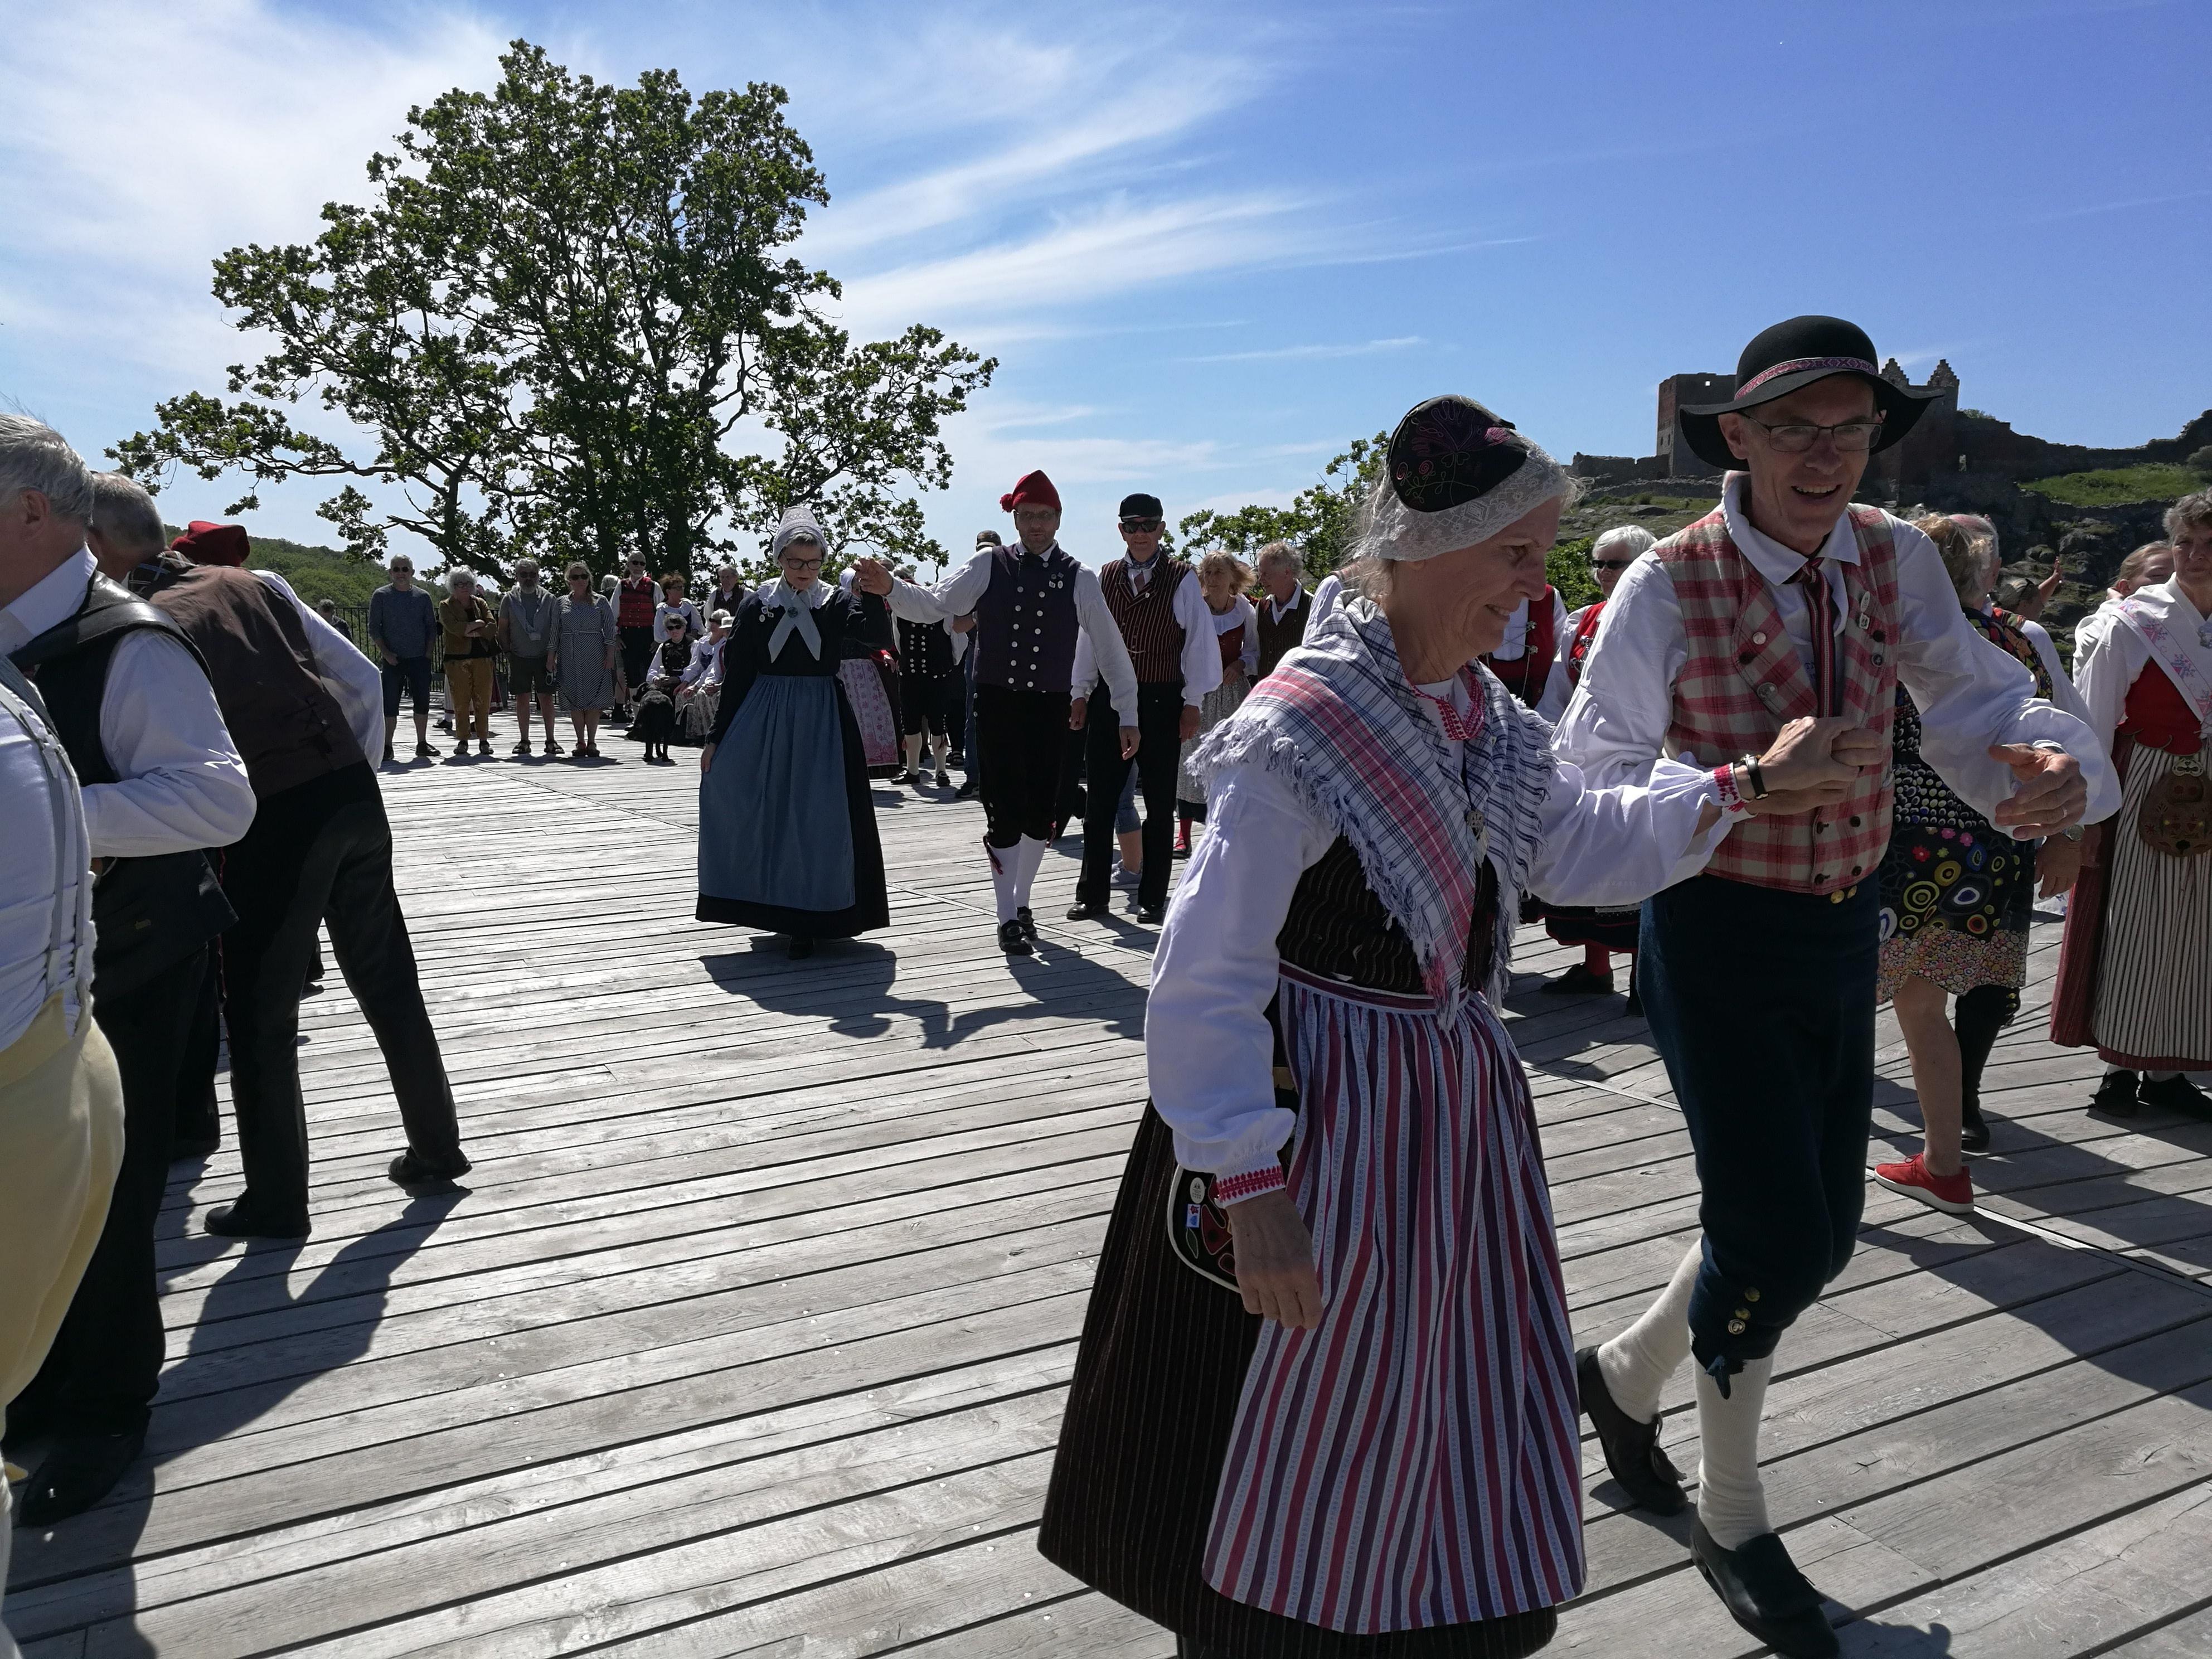 IMG_20190609_144249_Leikarringen_Noreg_Bornholm_2019_Hammershus_Festning_Fellesdans.jpg